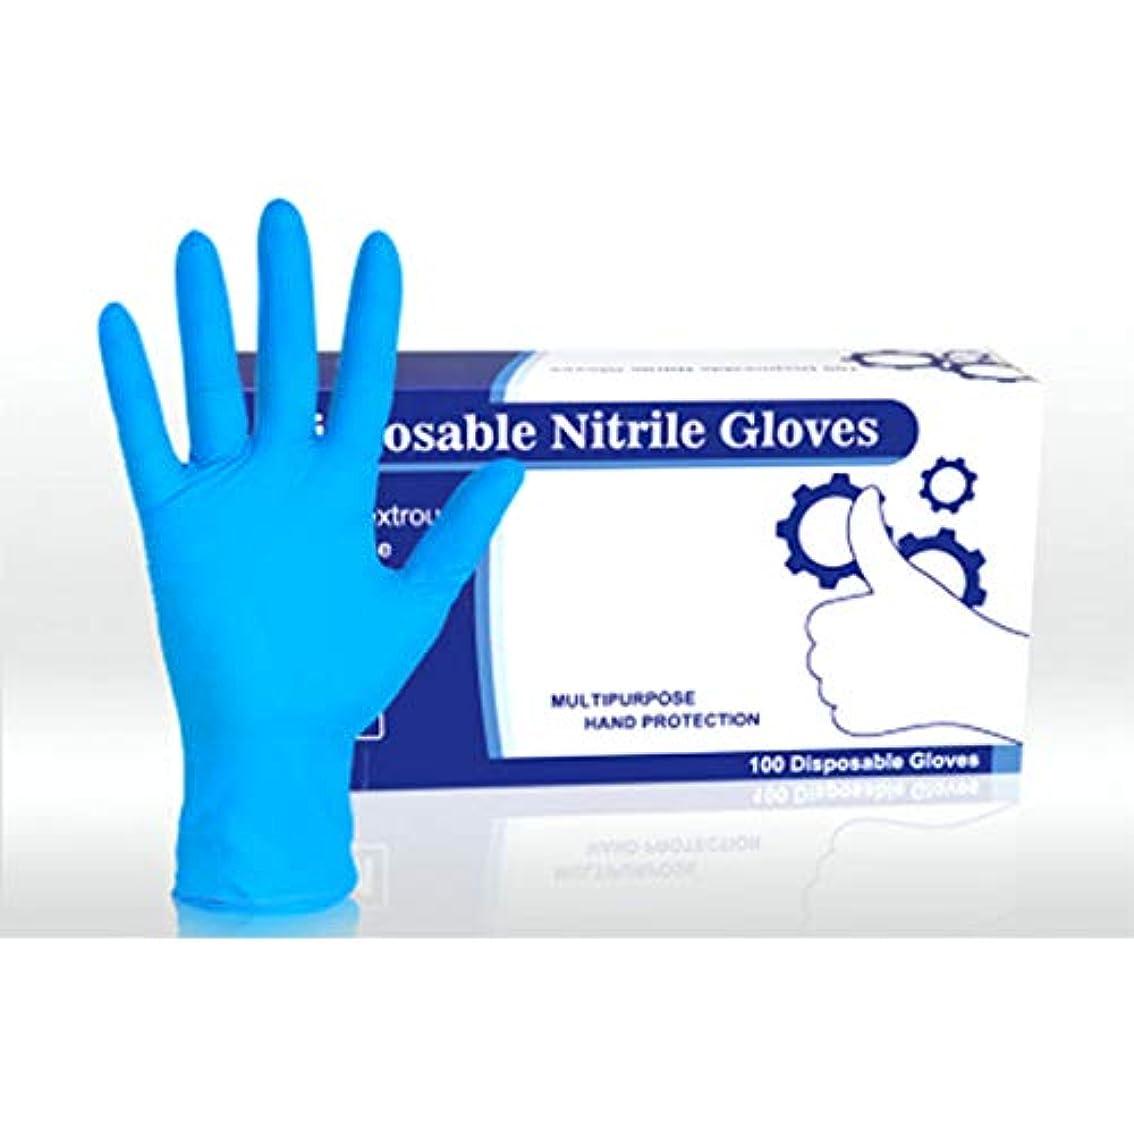 管理する彼女自身ジム使い捨てニトリル手袋、調理、クリーニング、染色用の透明で衛生的なホワイトブルー200シート